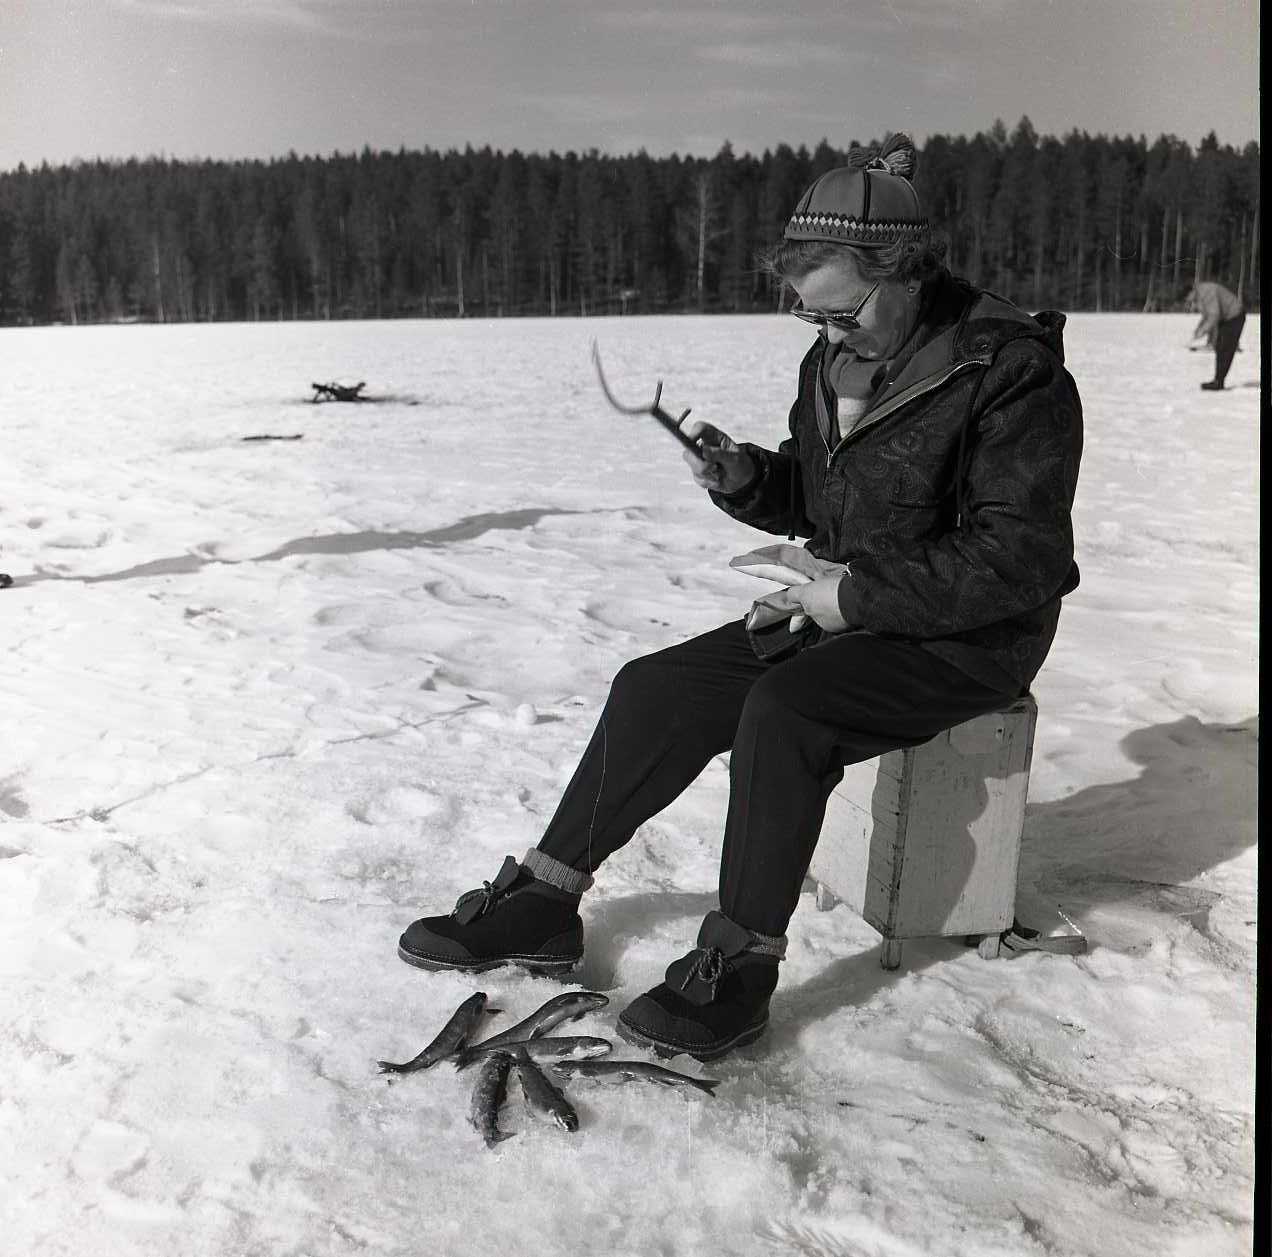 M 116 077: Rödingfiske Bollebergstjärn på Långfredagen, Påsk 1964. Foto: Hilding Mickelsson